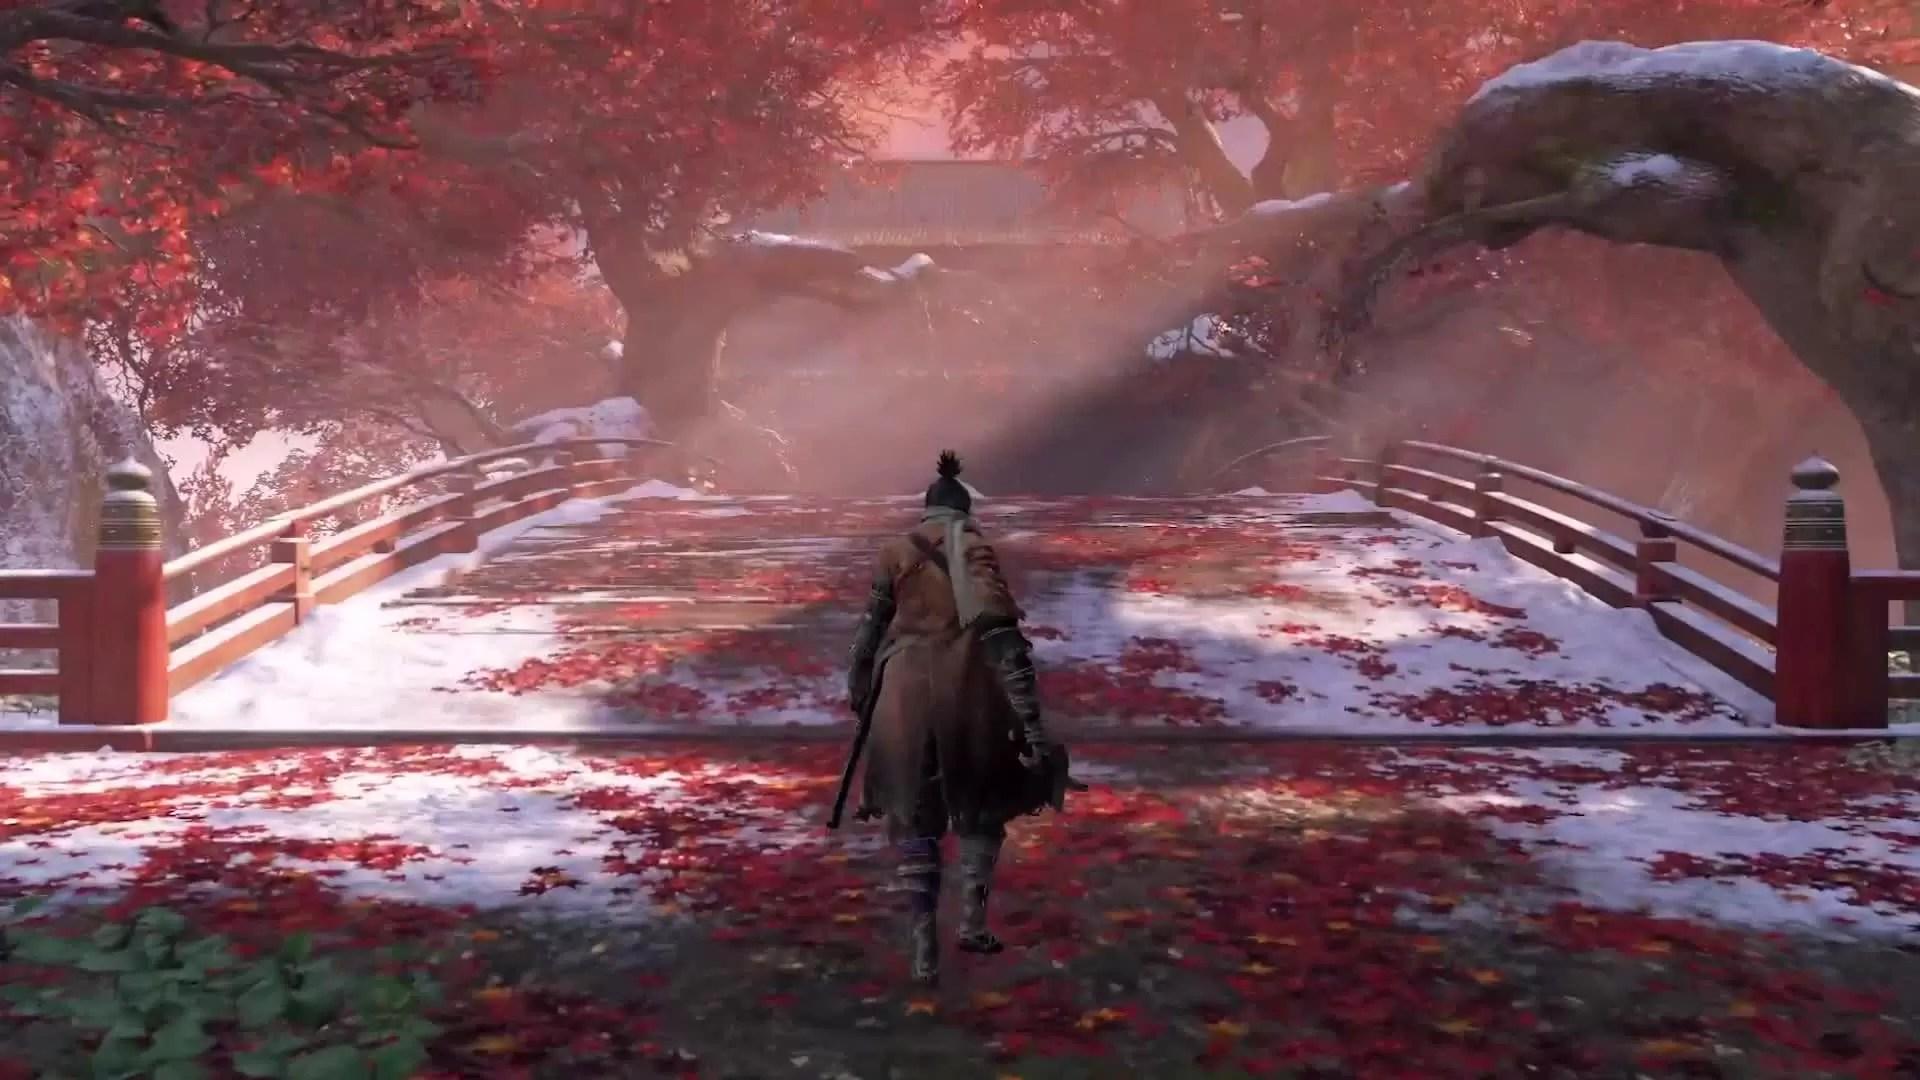 Sekiro Shadows Die Twice Endings Guide All Endings How To Get